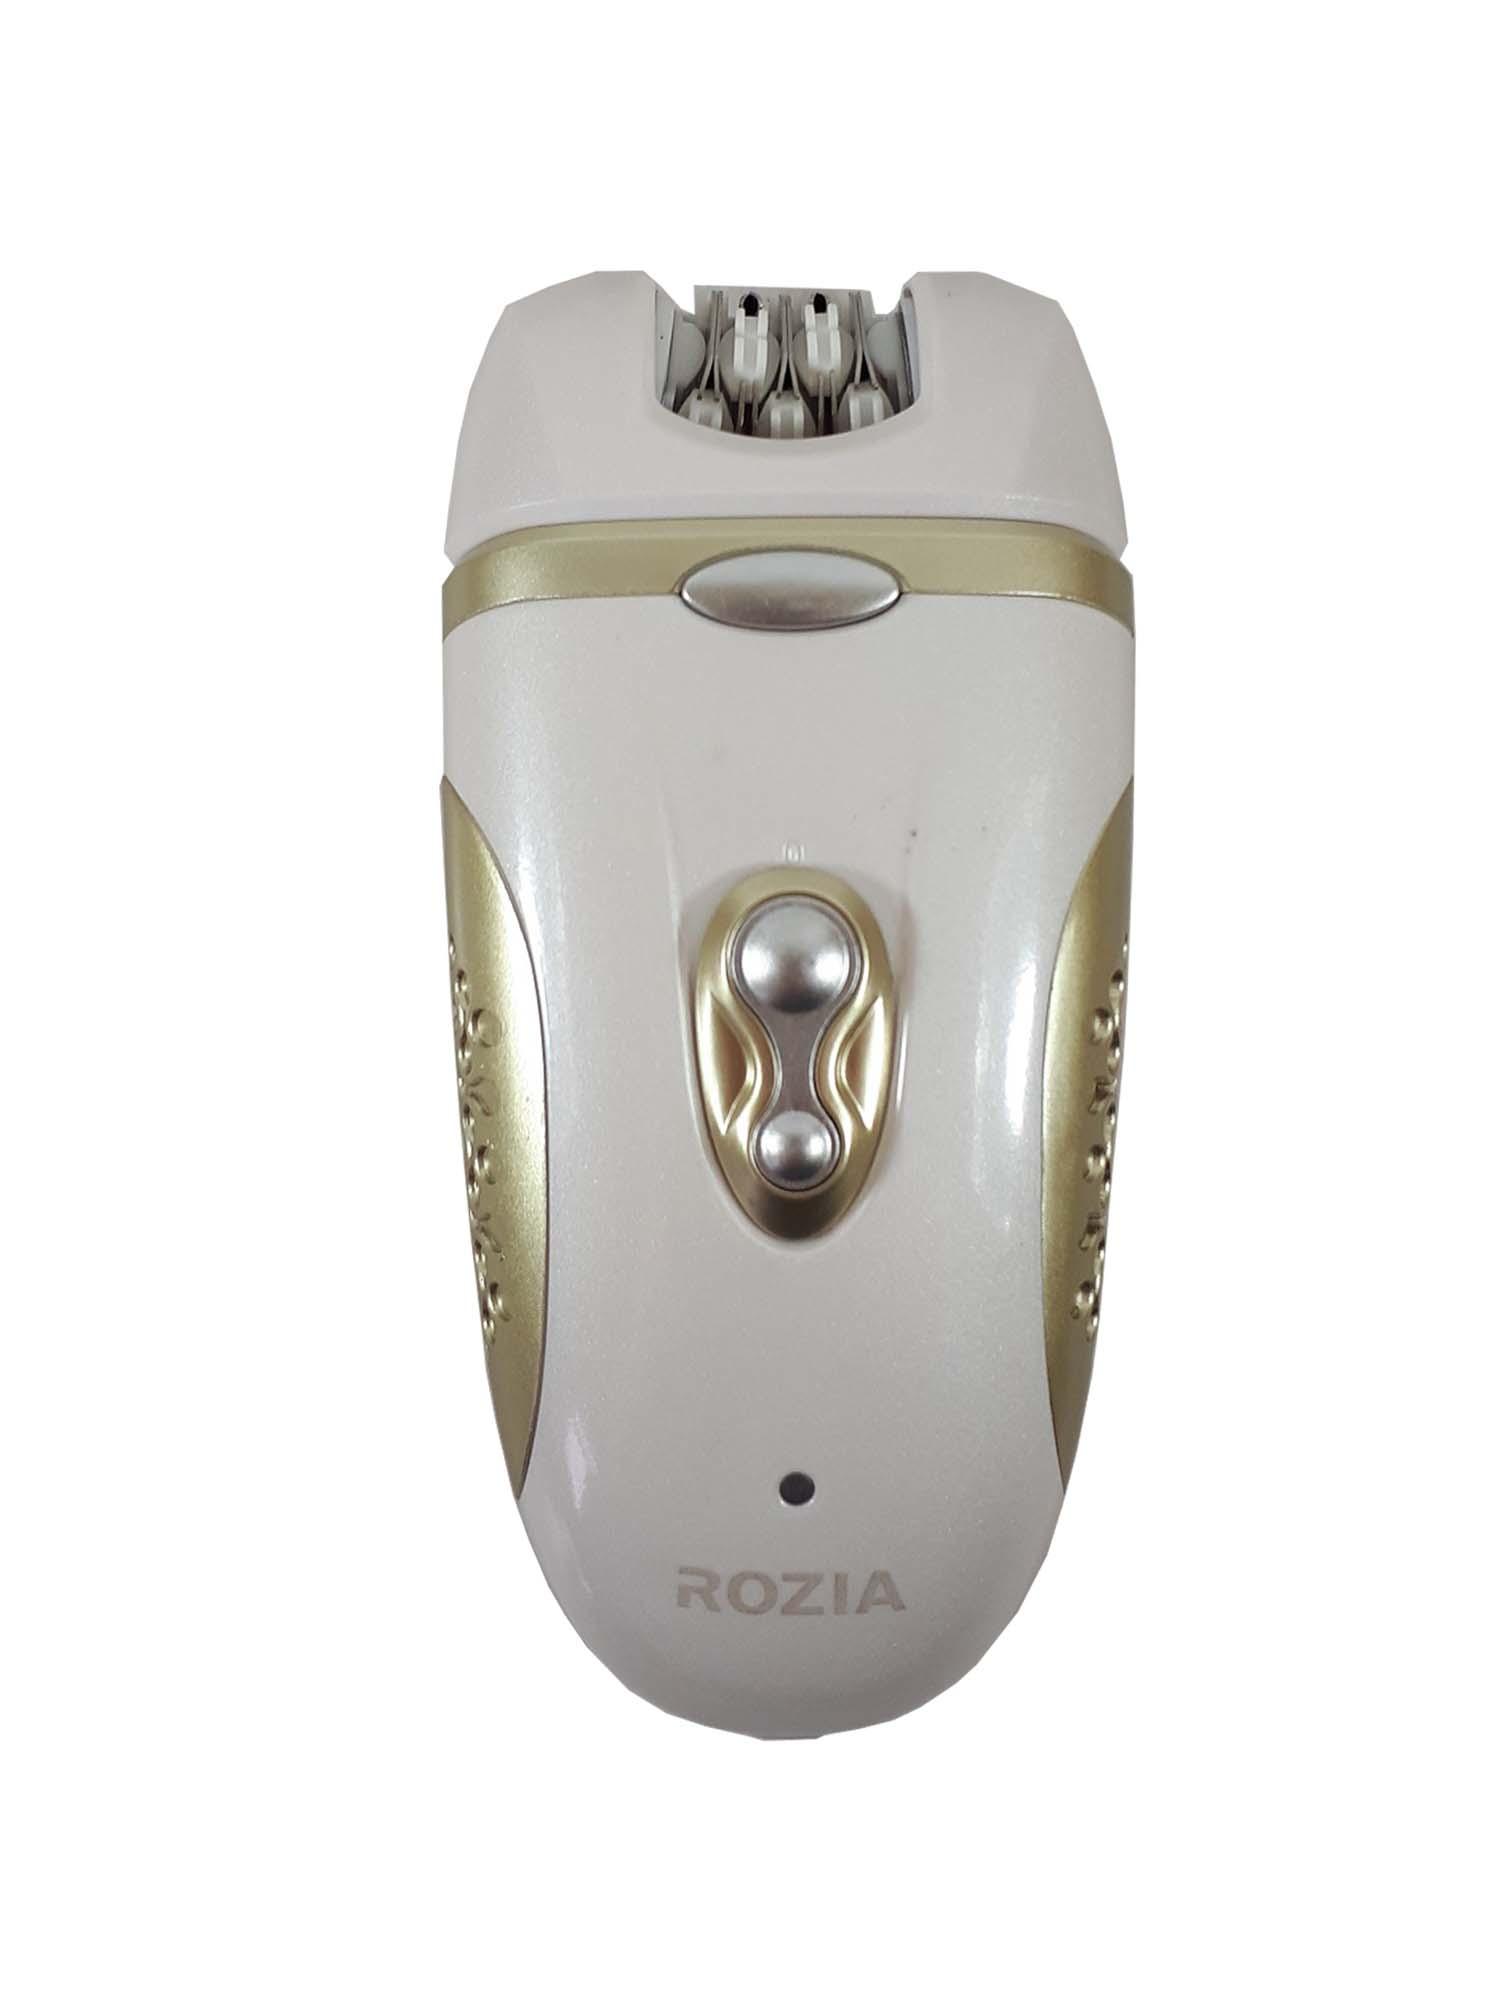 موکن ۴ کاره ی روزیا مدل ROZIA HB6007